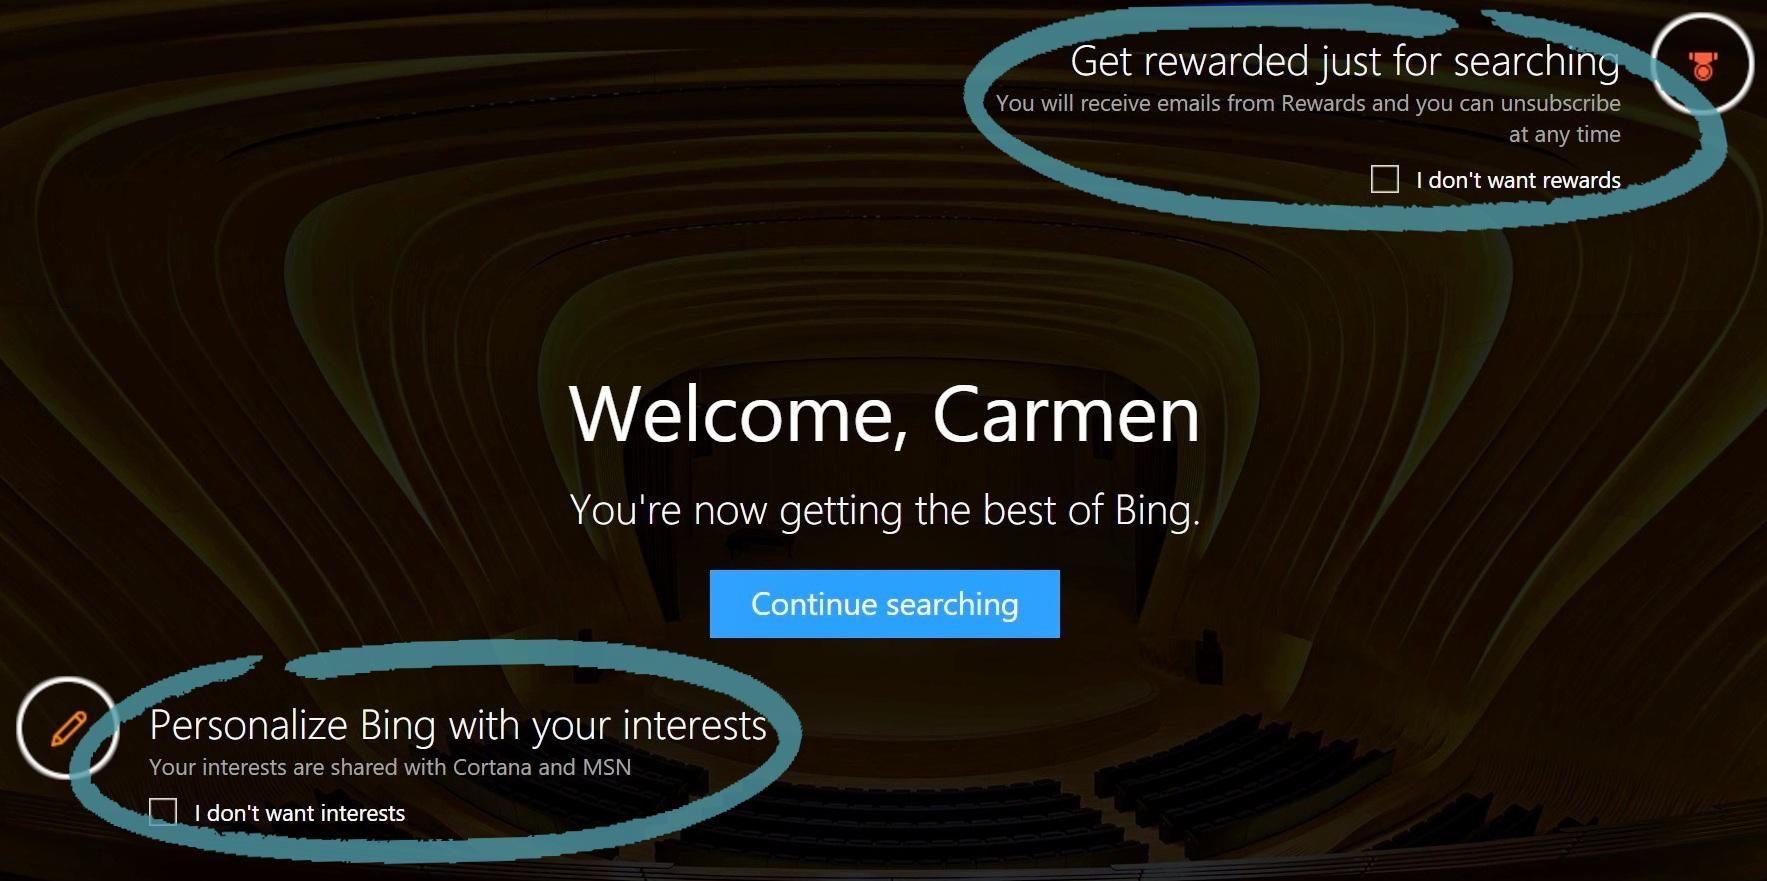 Prihlásenie domovskej stránky Bing s Odmenami a záujmami